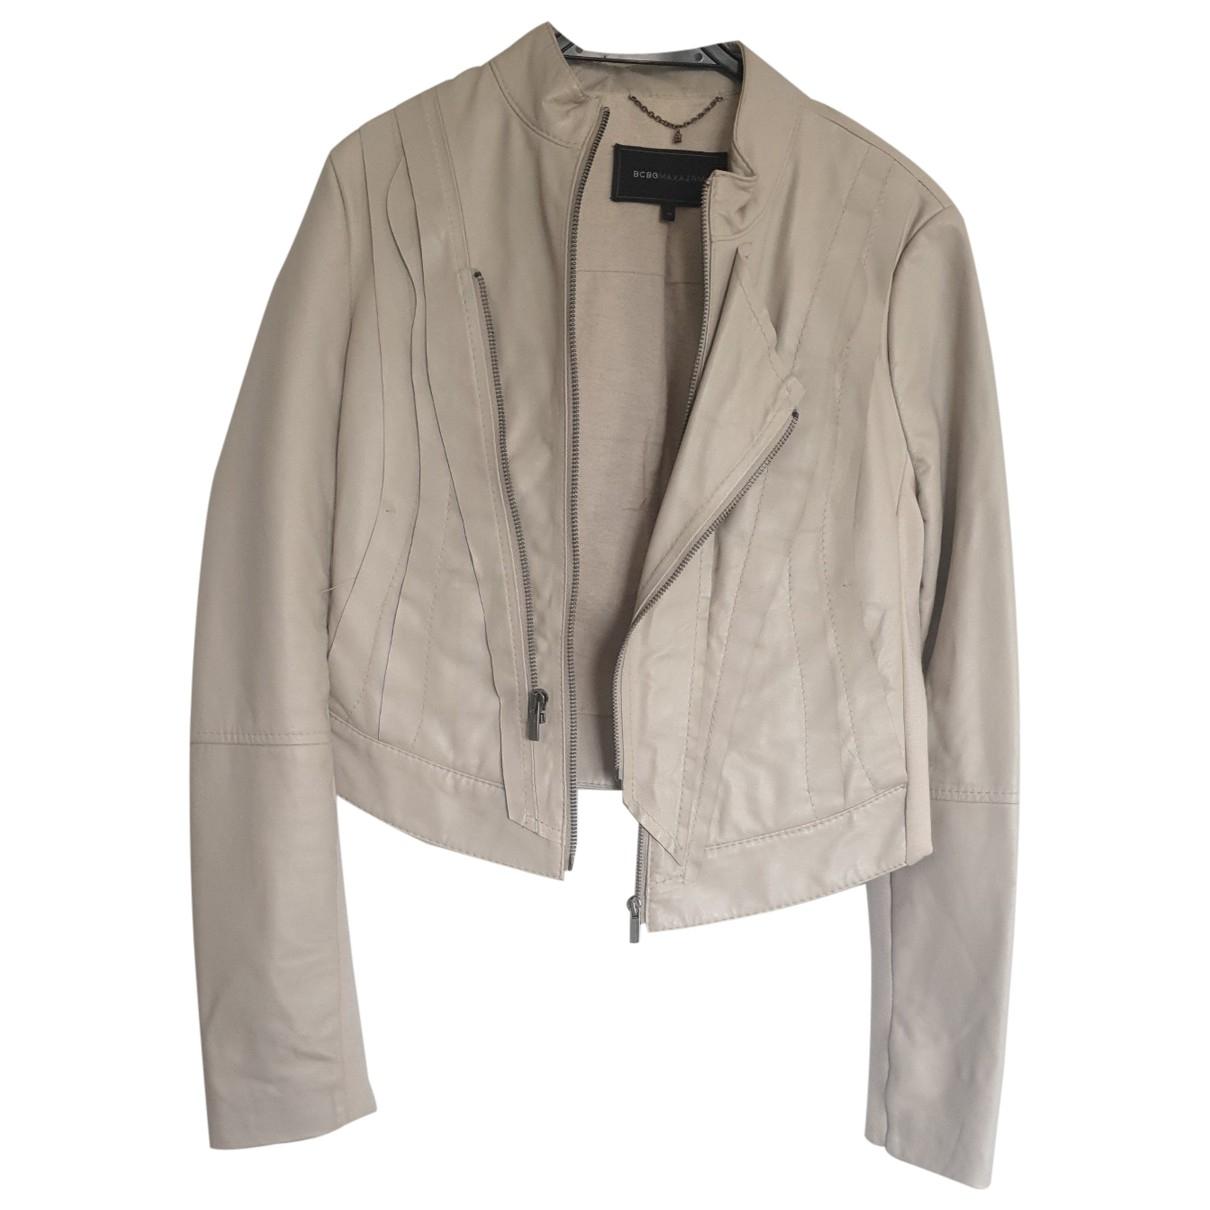 Bcbg Max Azria - Veste   pour femme en cuir - beige